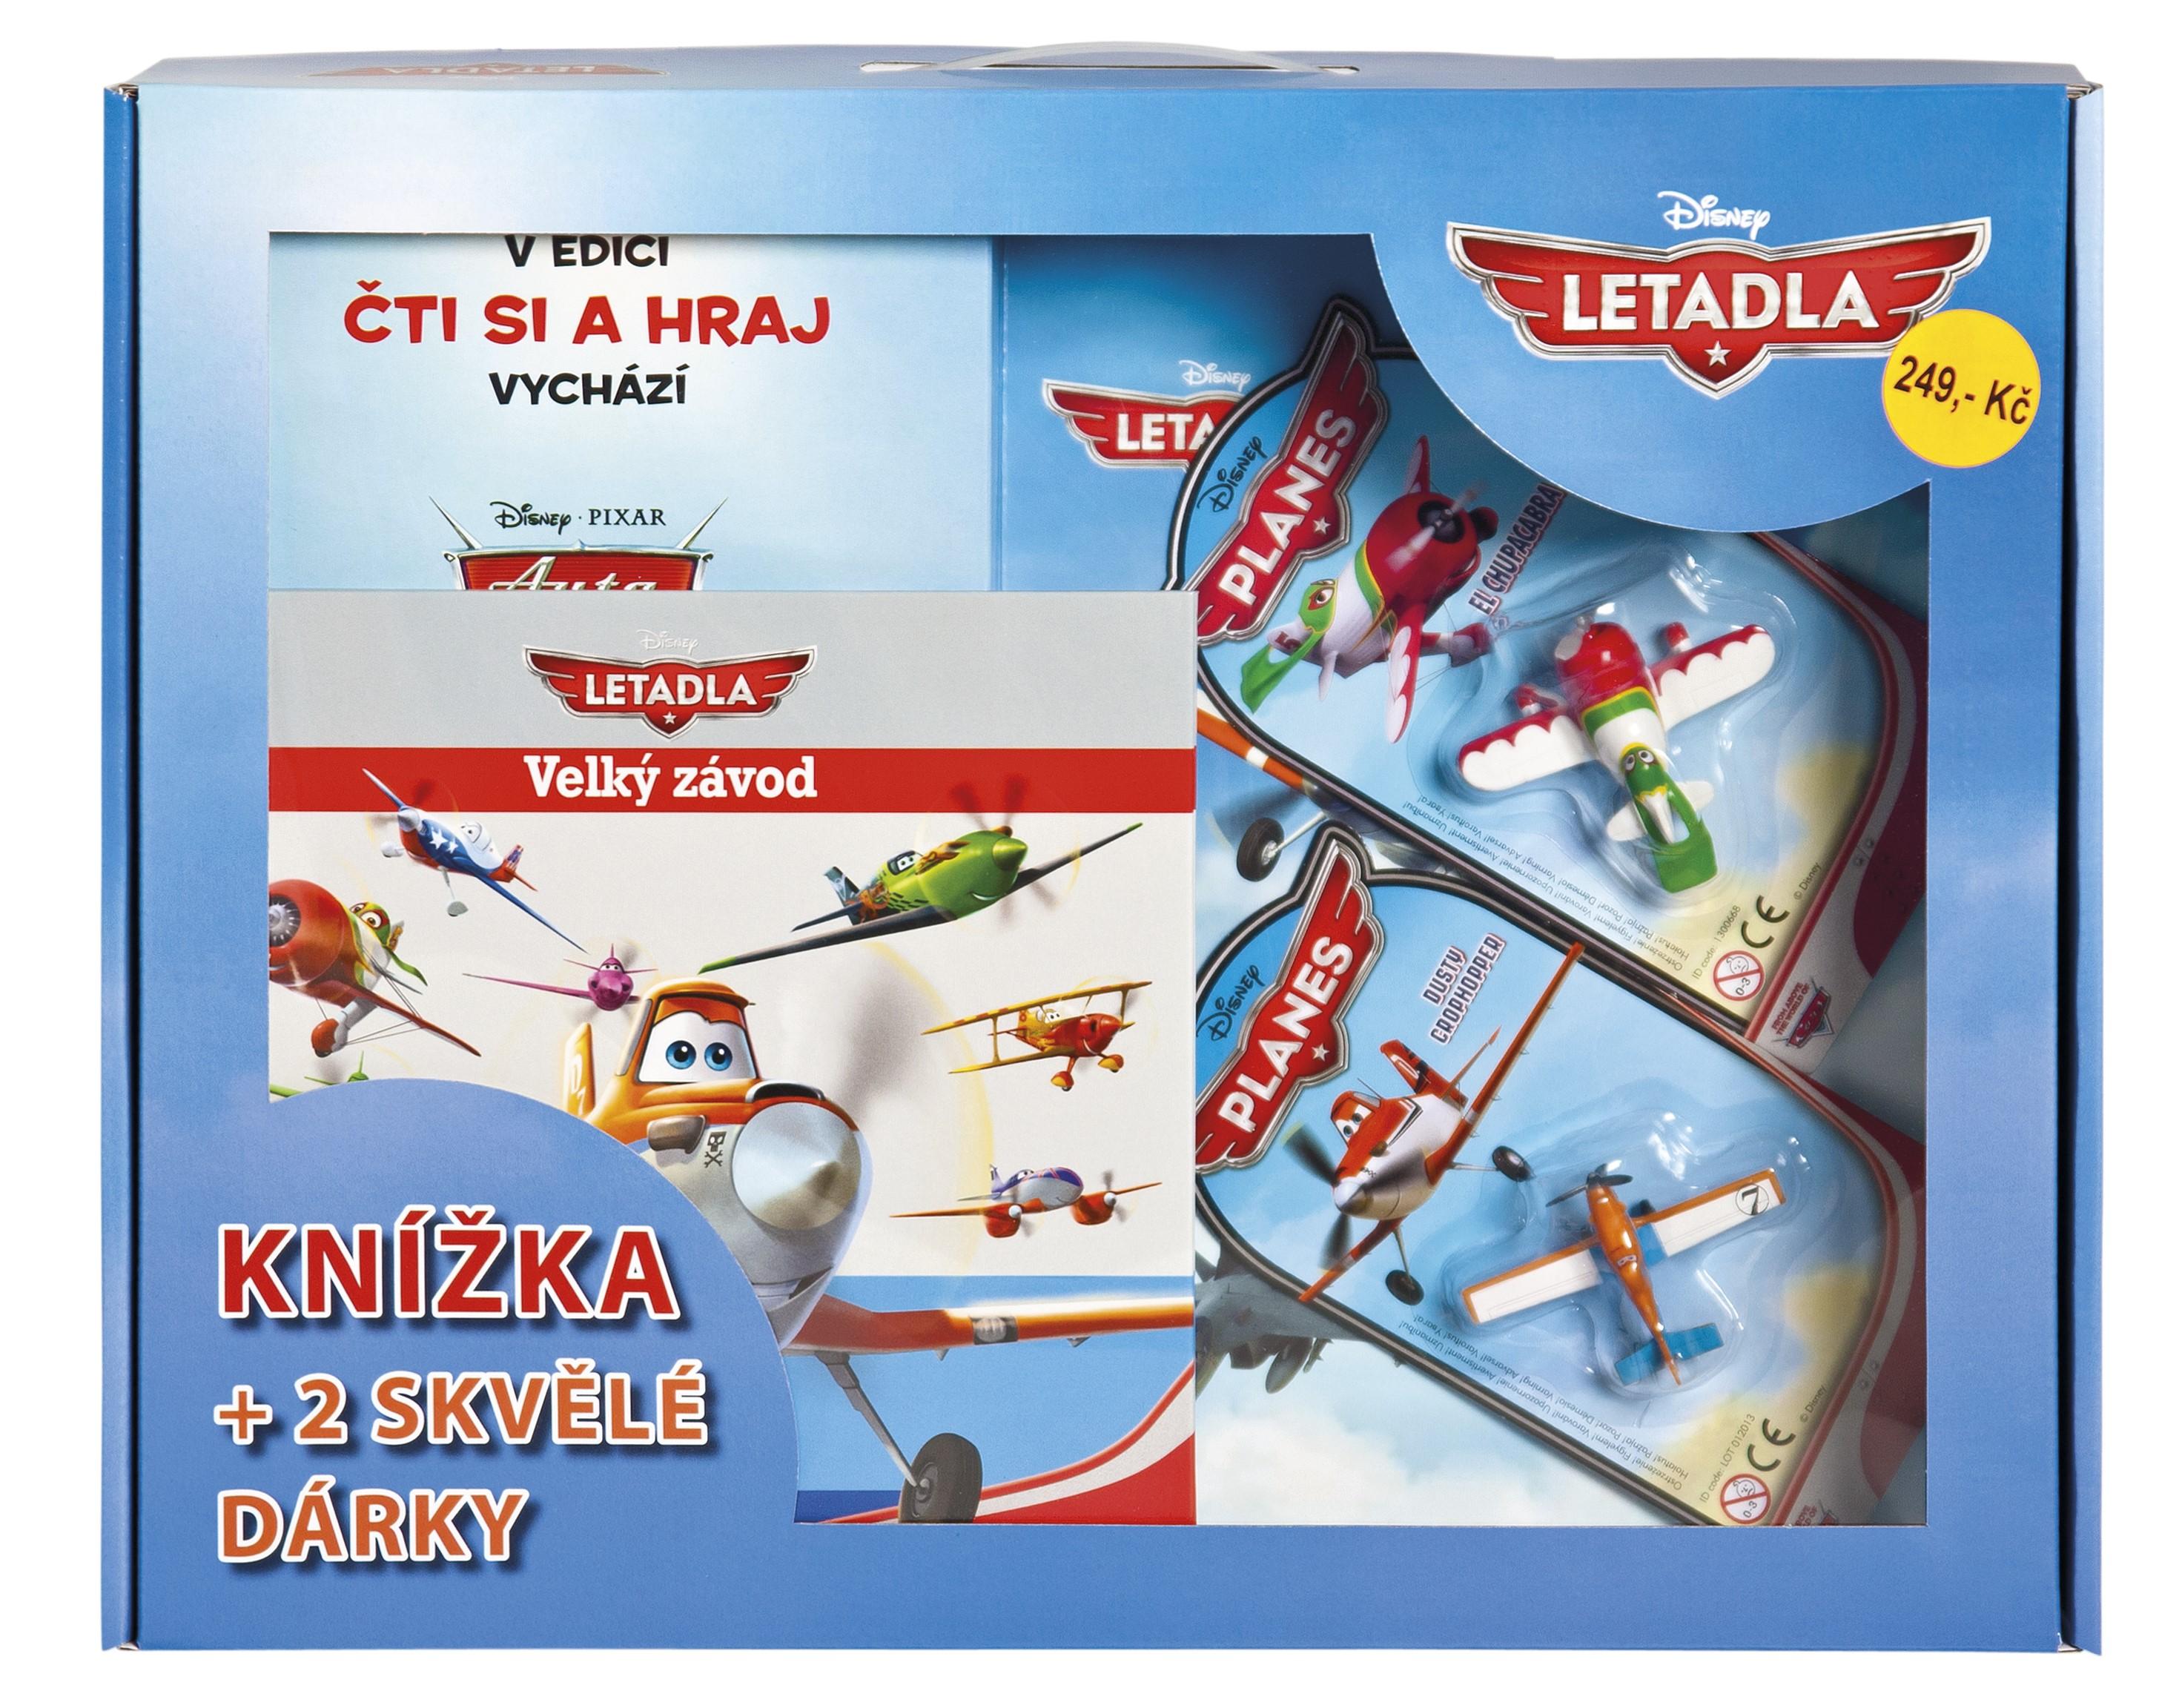 Letadla - Čti si a hraj - Velký závod (knížka + 2 skvělé dárky) | Walt Disney, Walt Disney